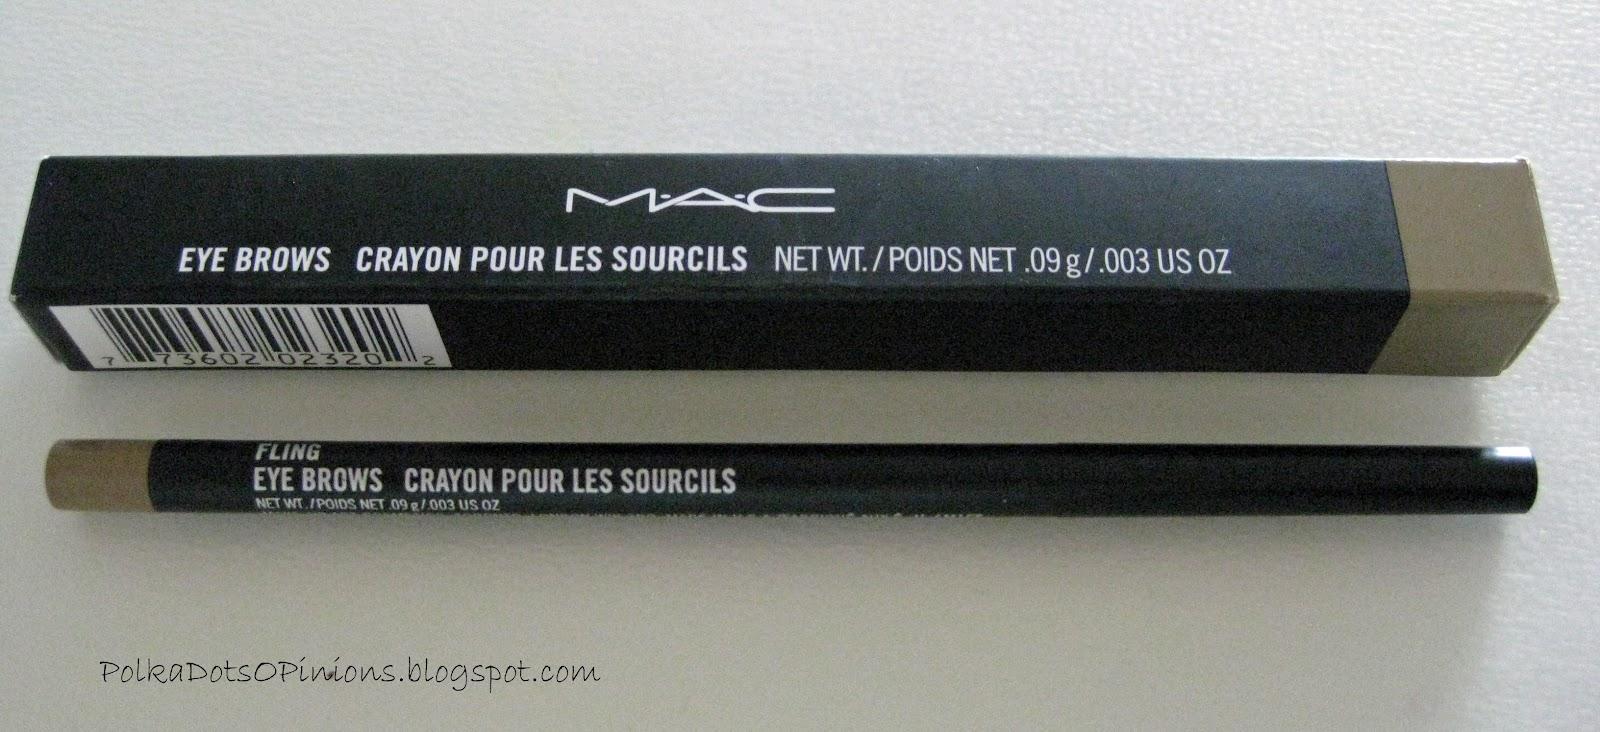 Mac Eyebrow Crayon Nj